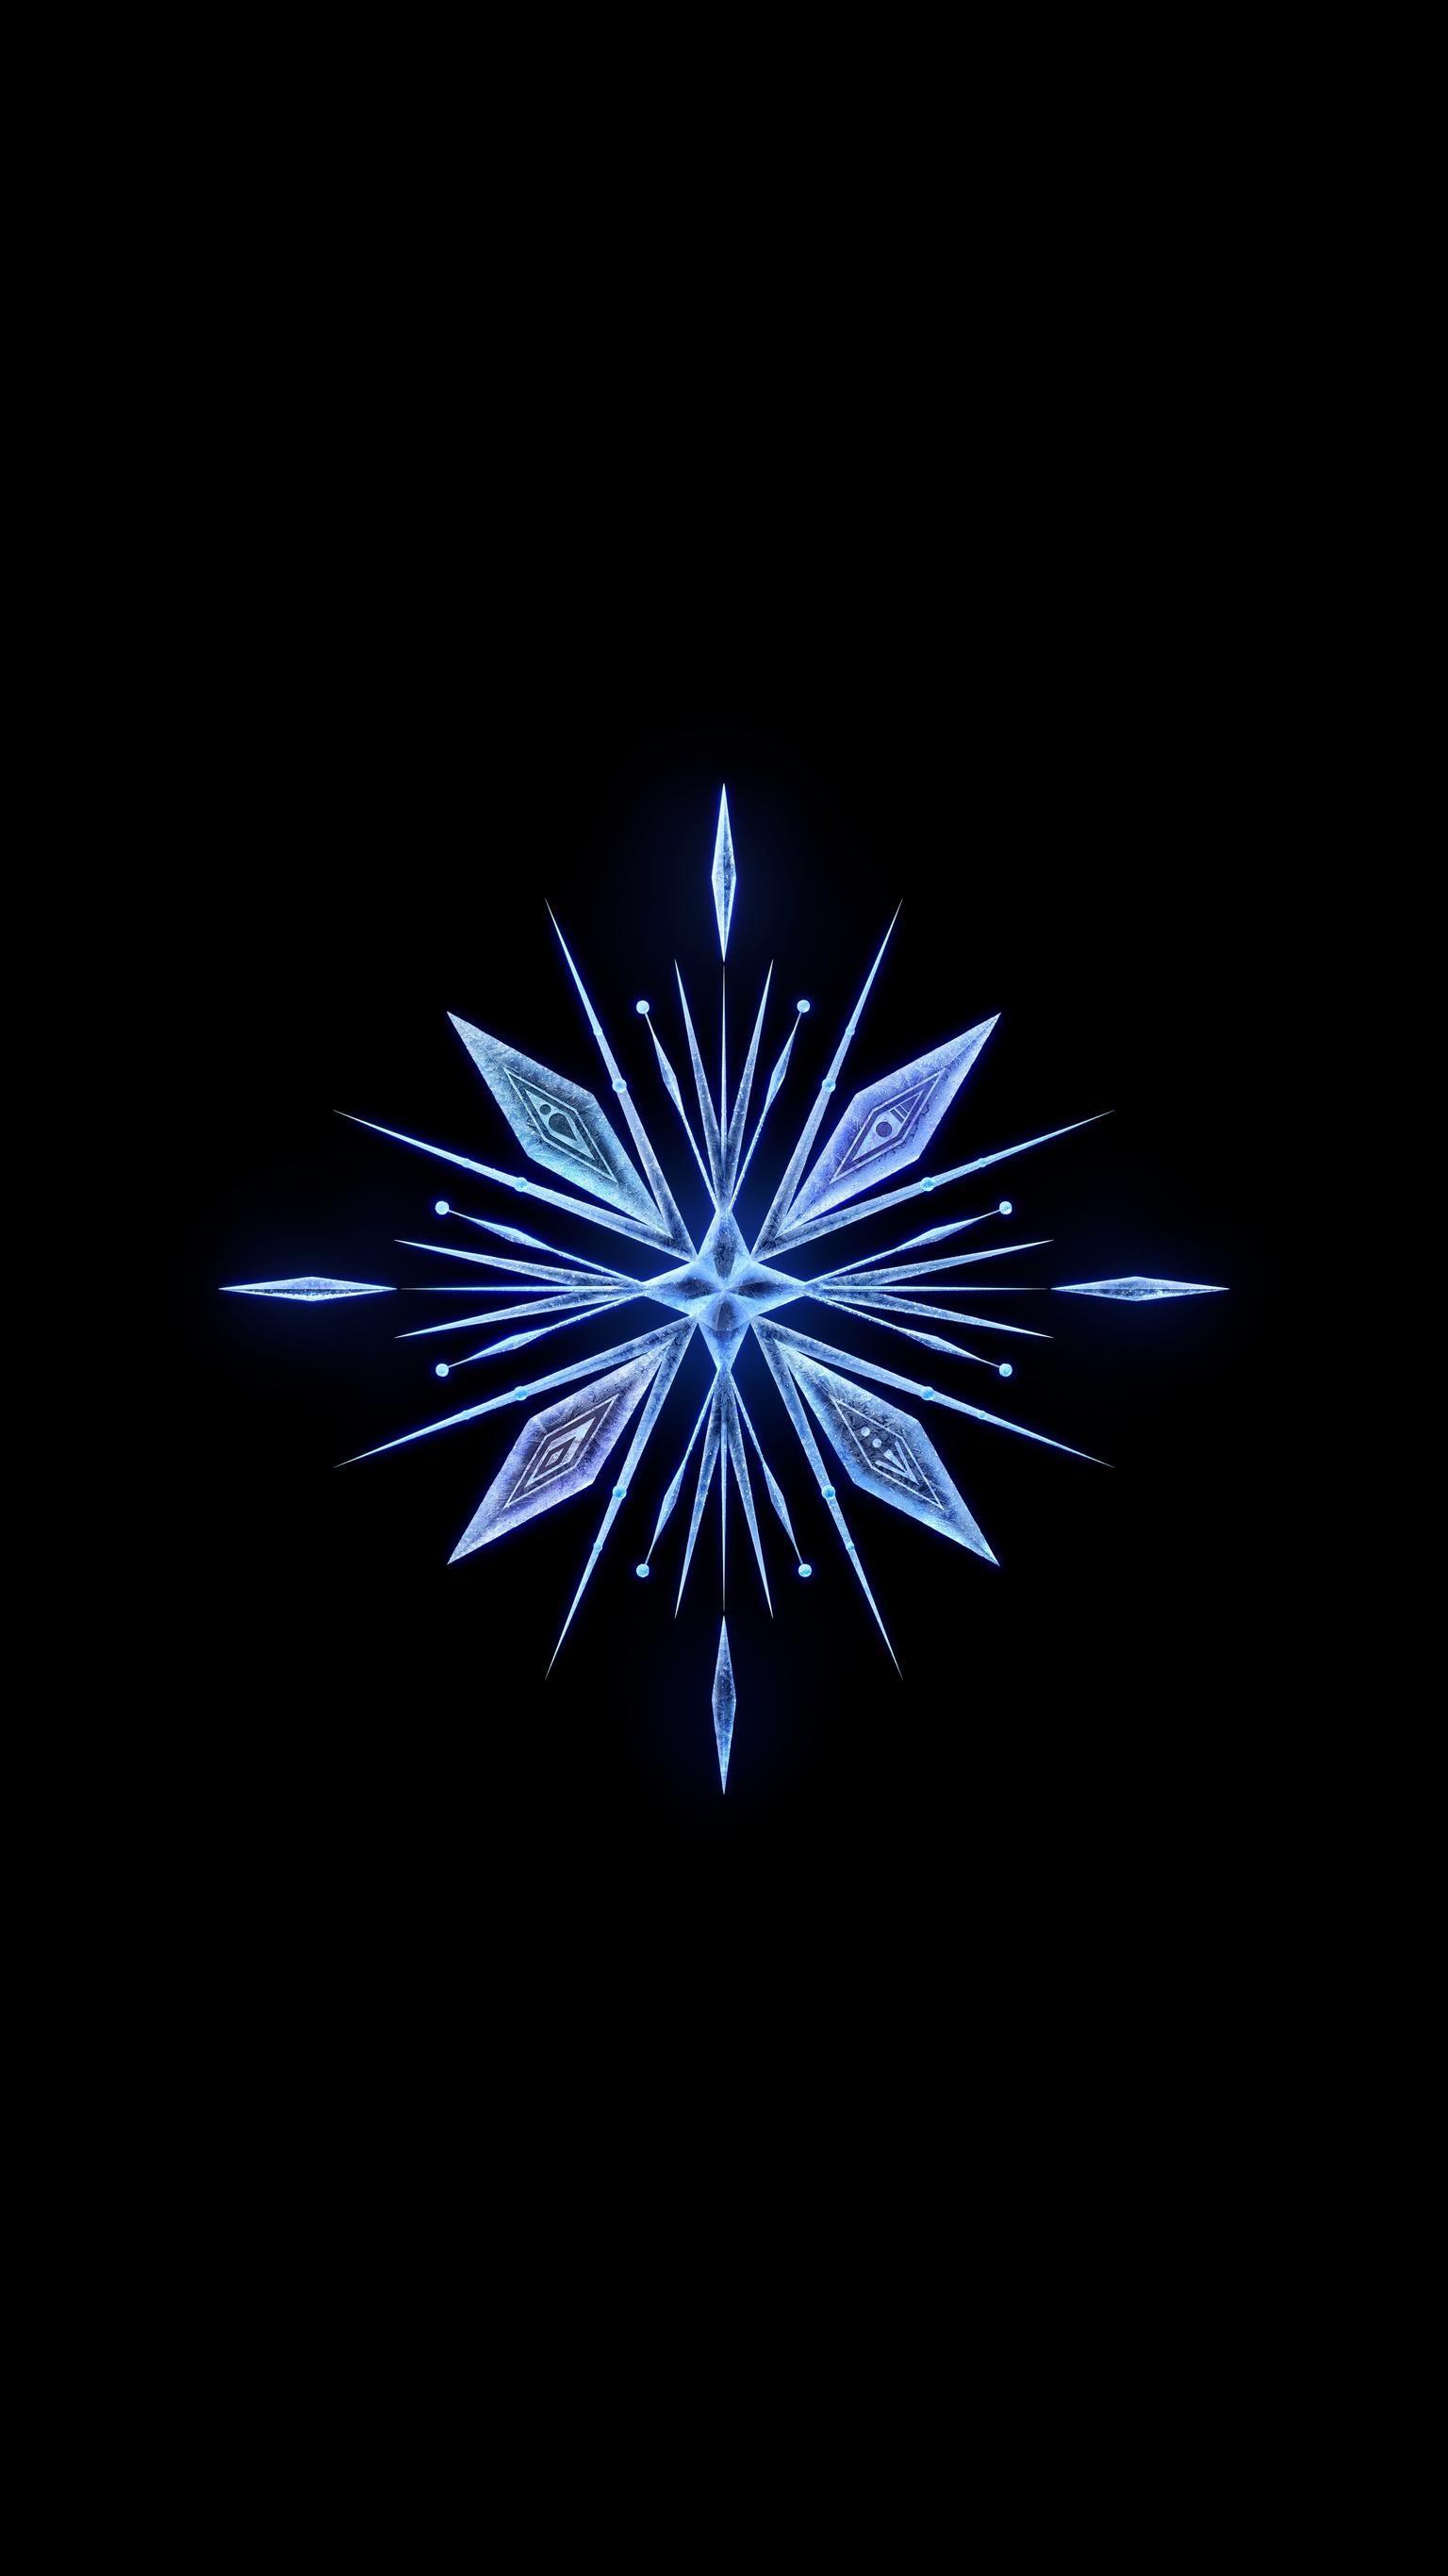 Frozen II (2019) Phone Wallpaper Frozen poster, Frozen